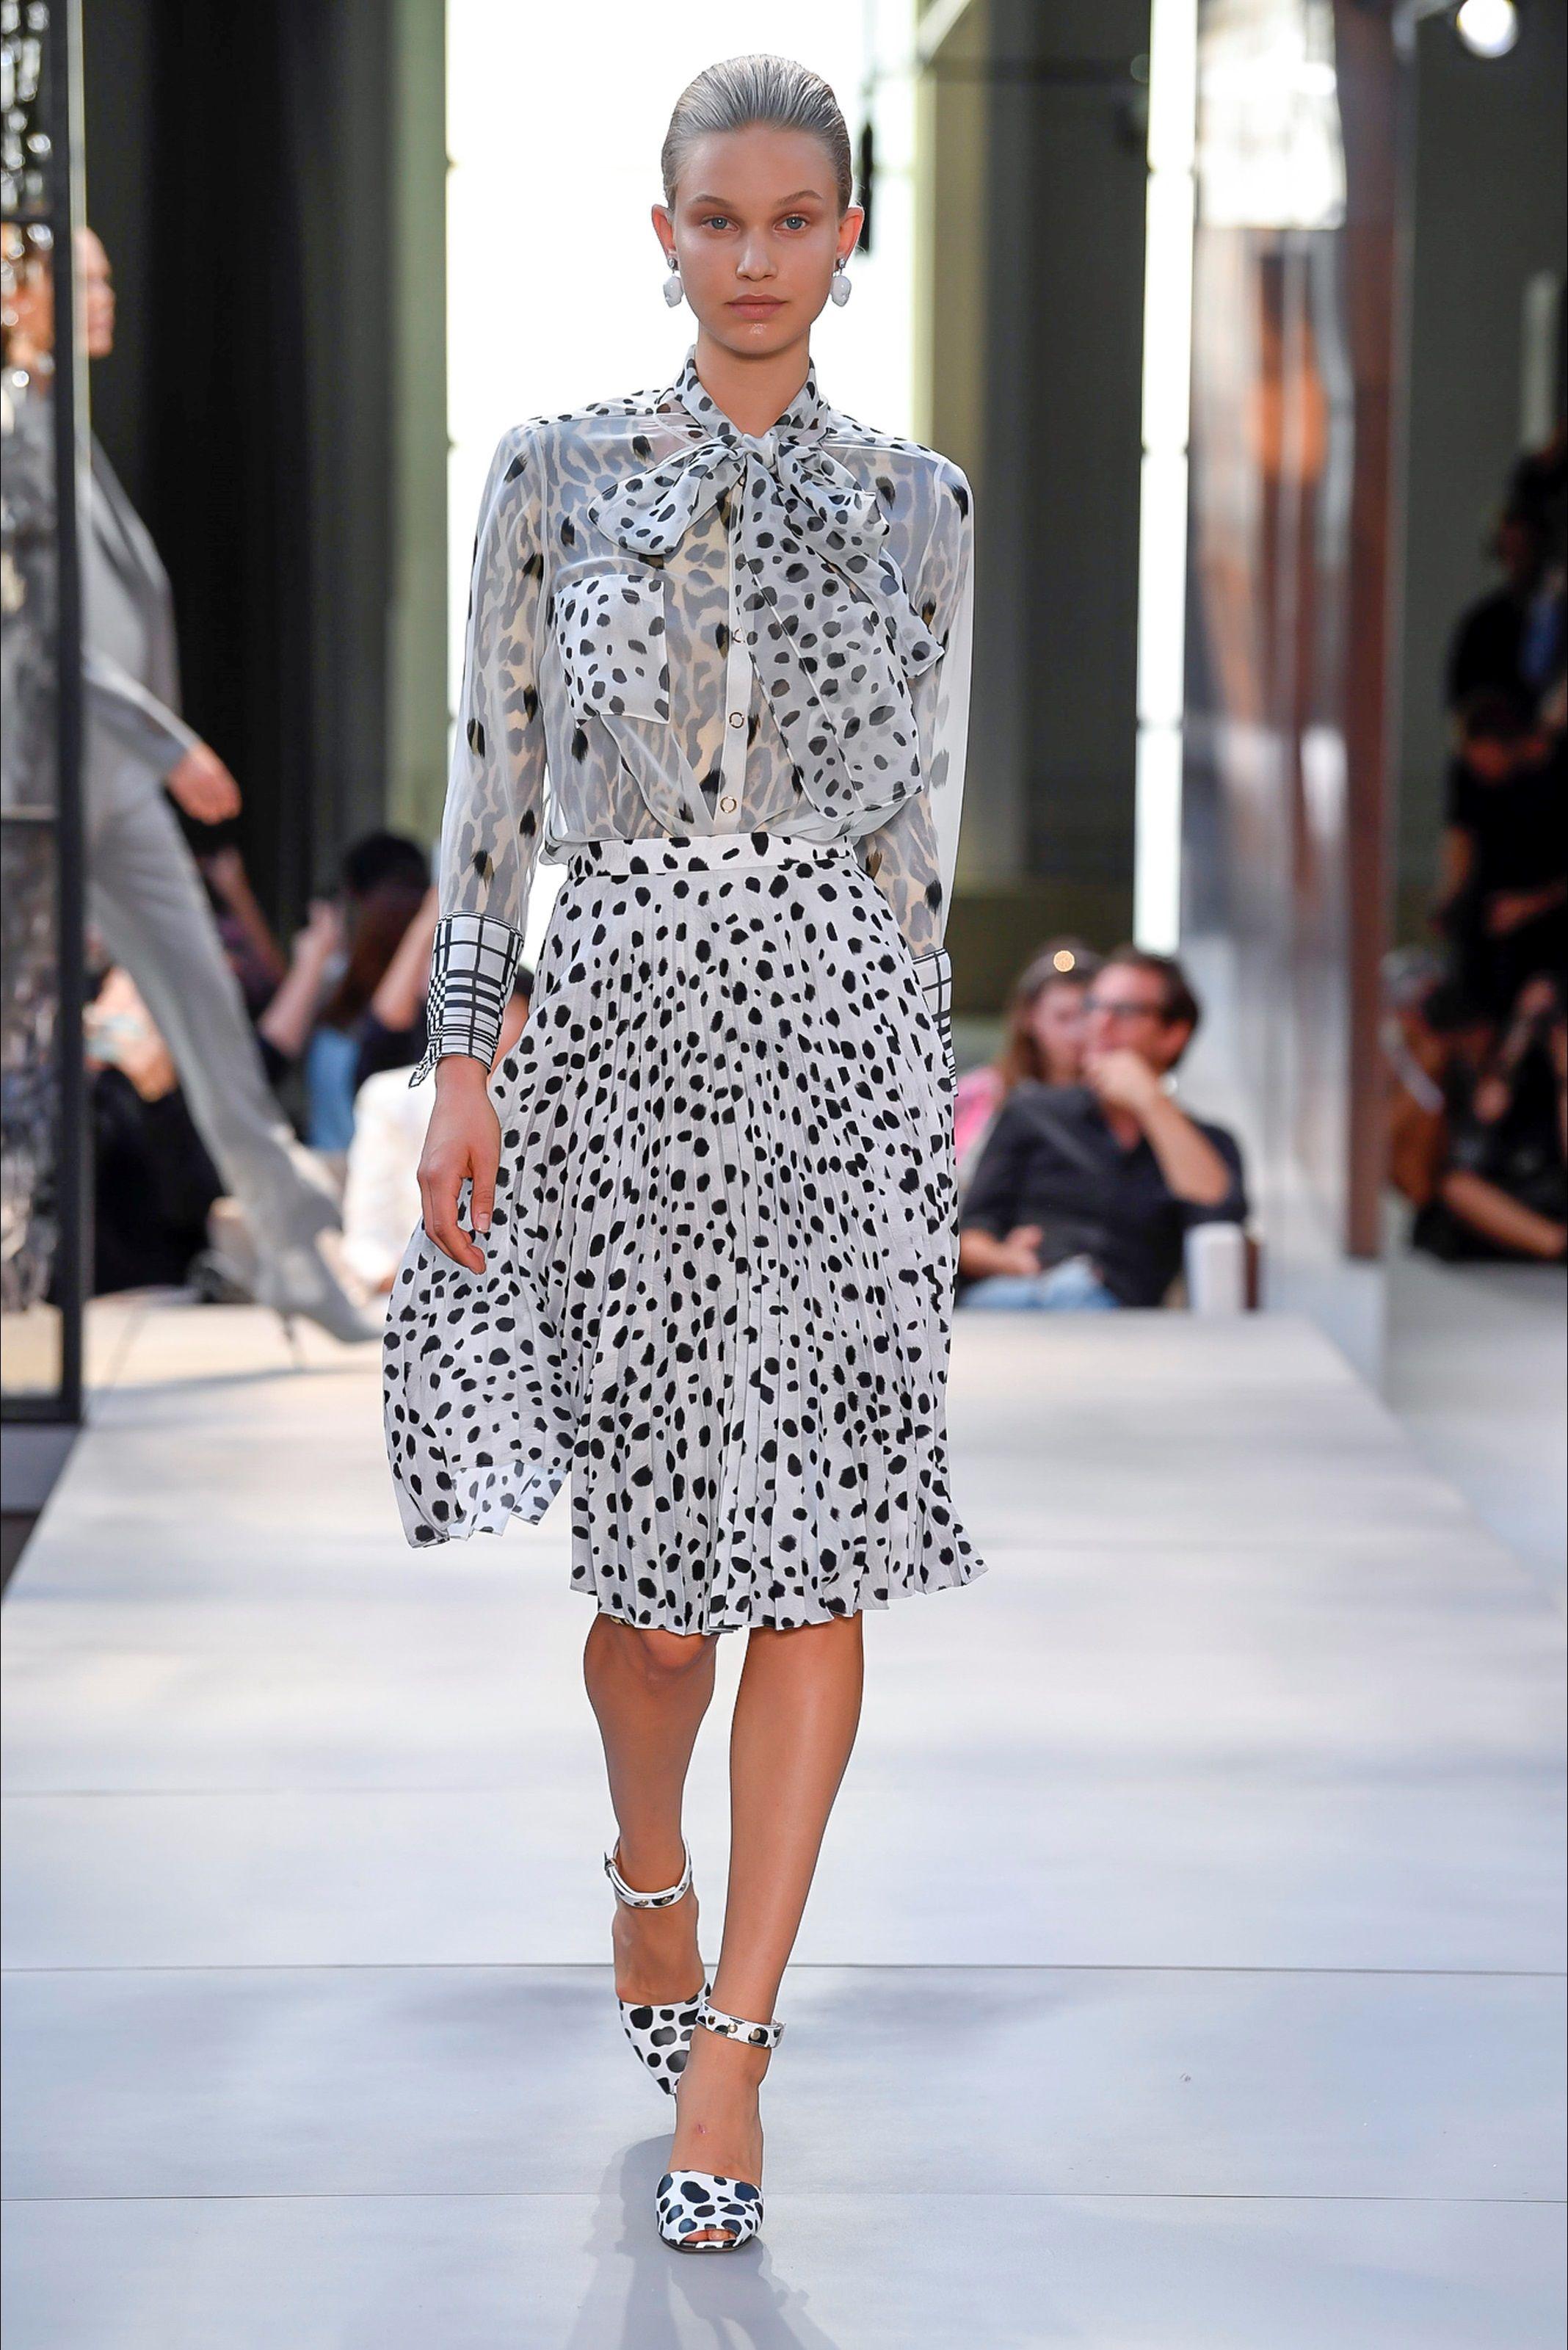 161807d7a187 Sfilata Burberry Londra - Collezioni Primavera Estate 2019 - Vogue Ultime Tendenze  Della Moda